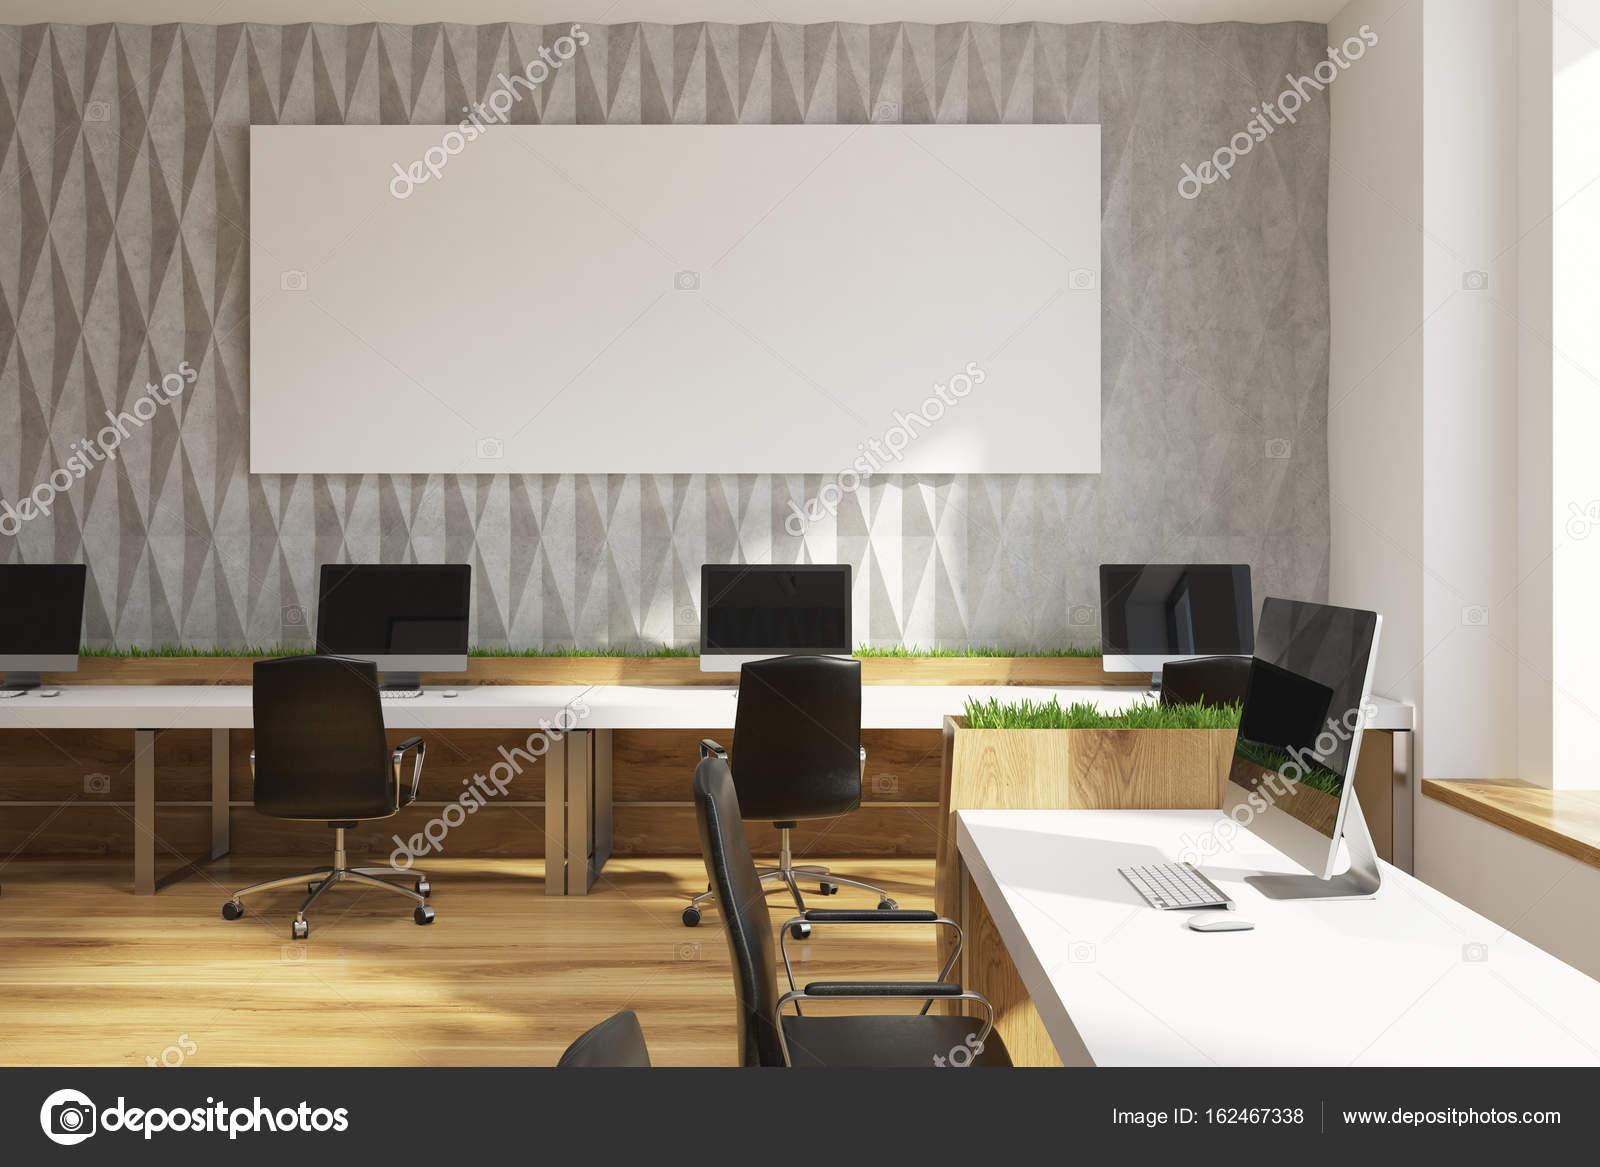 Bezaubernd Muster Wand Beste Wahl Graue Diamant Bürozimmer Mit Reihen Puter-tische Mit